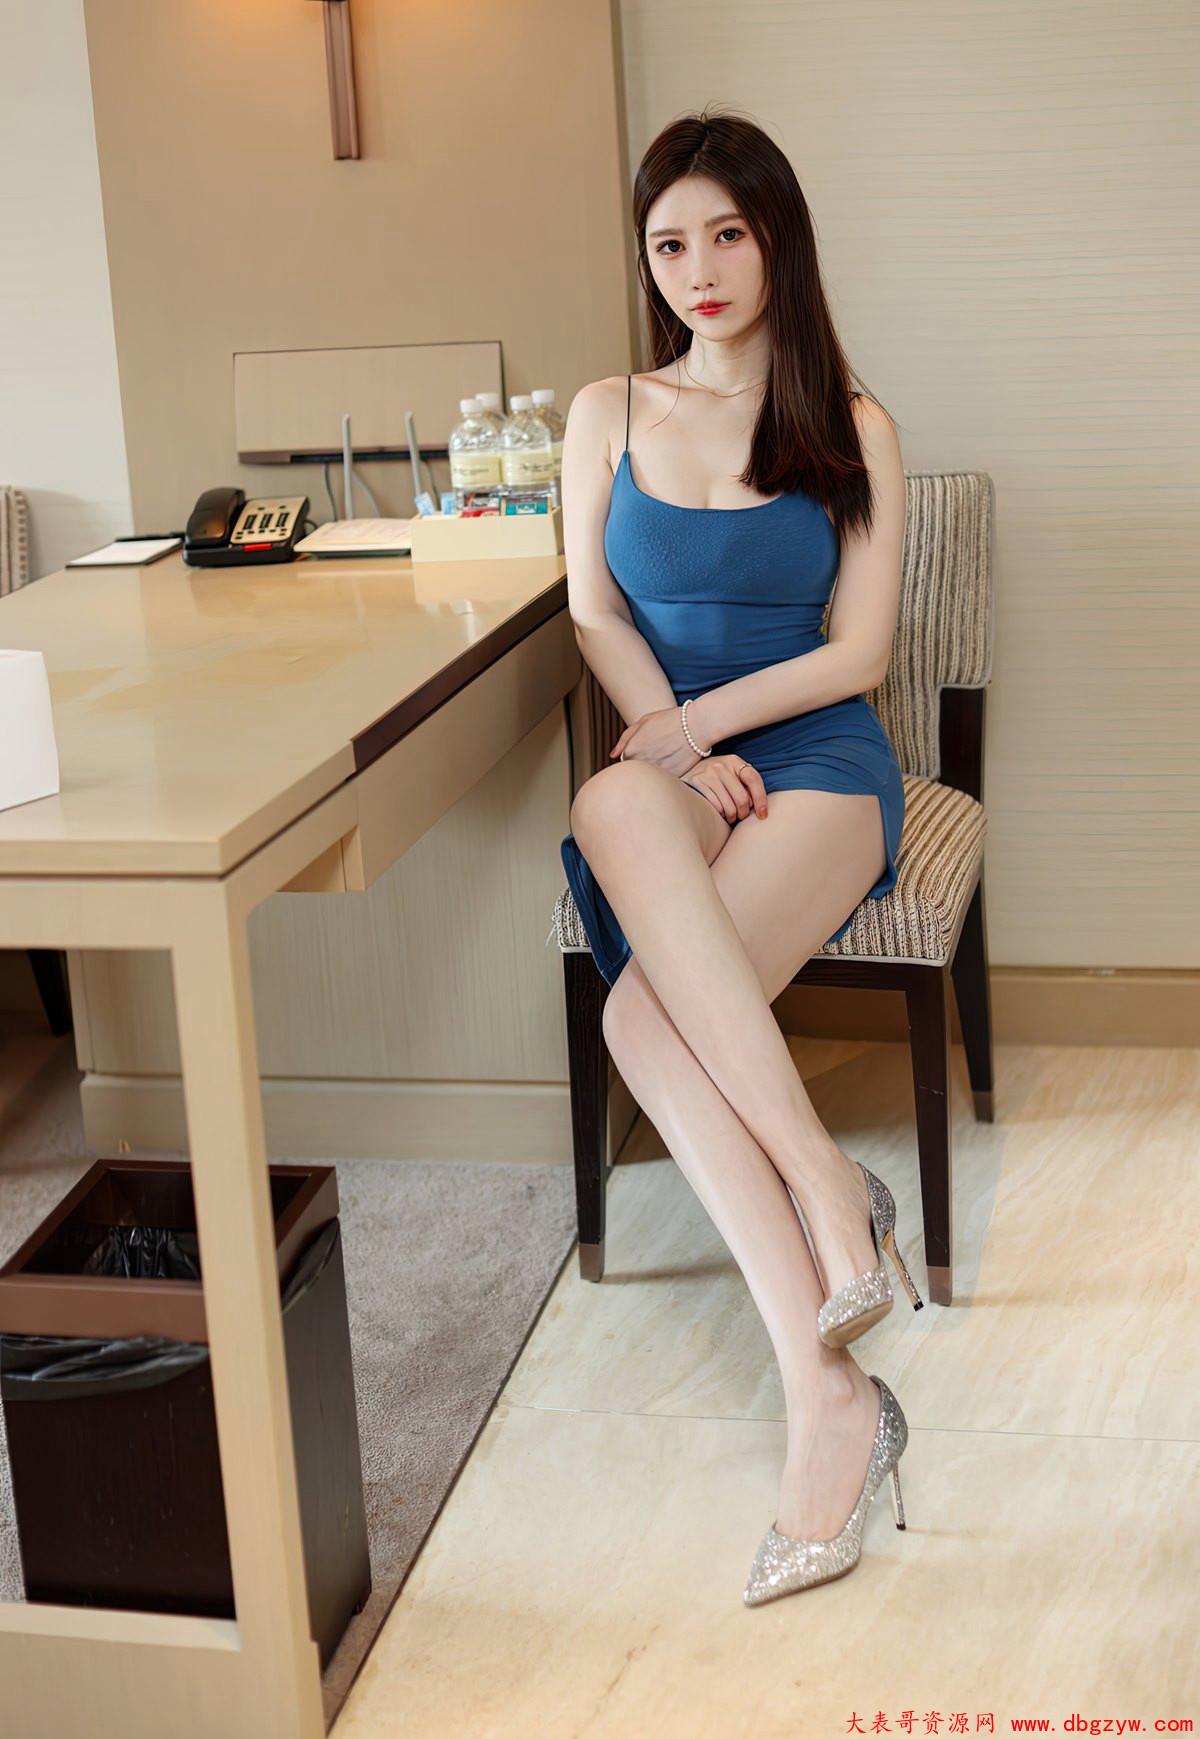 高颜值嫩模吴雪瑶丰满大奶诱惑肉丝袜美腿嫩白皮肤性感高跟